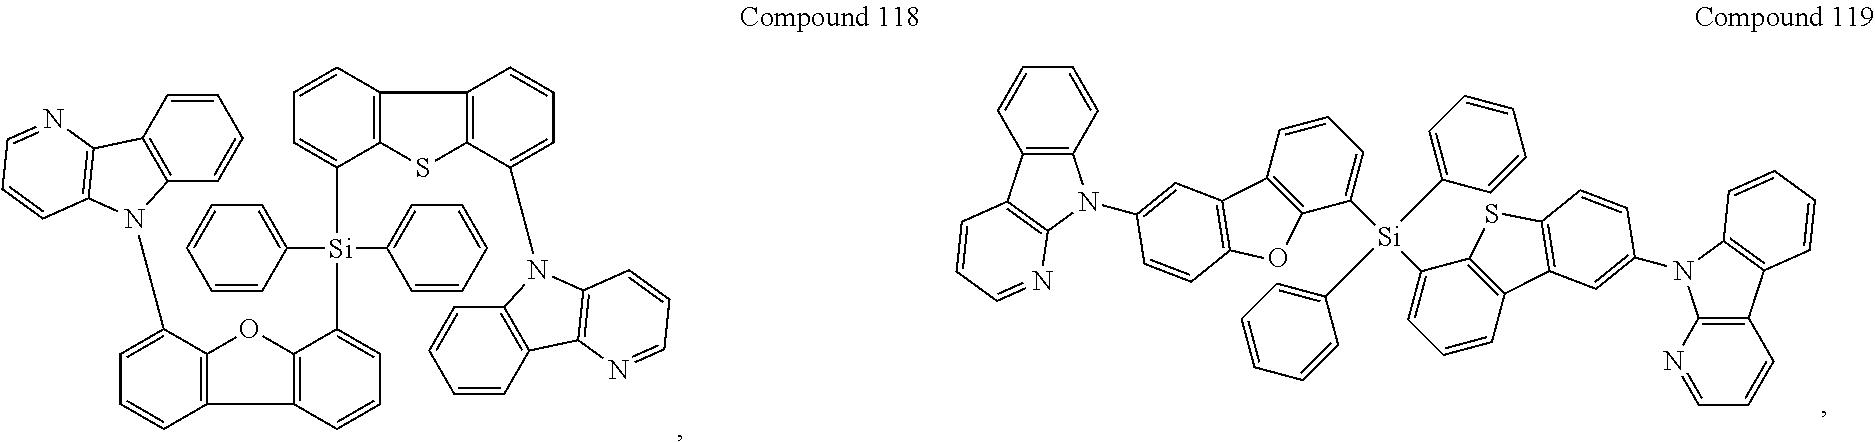 Figure US09780316-20171003-C00035